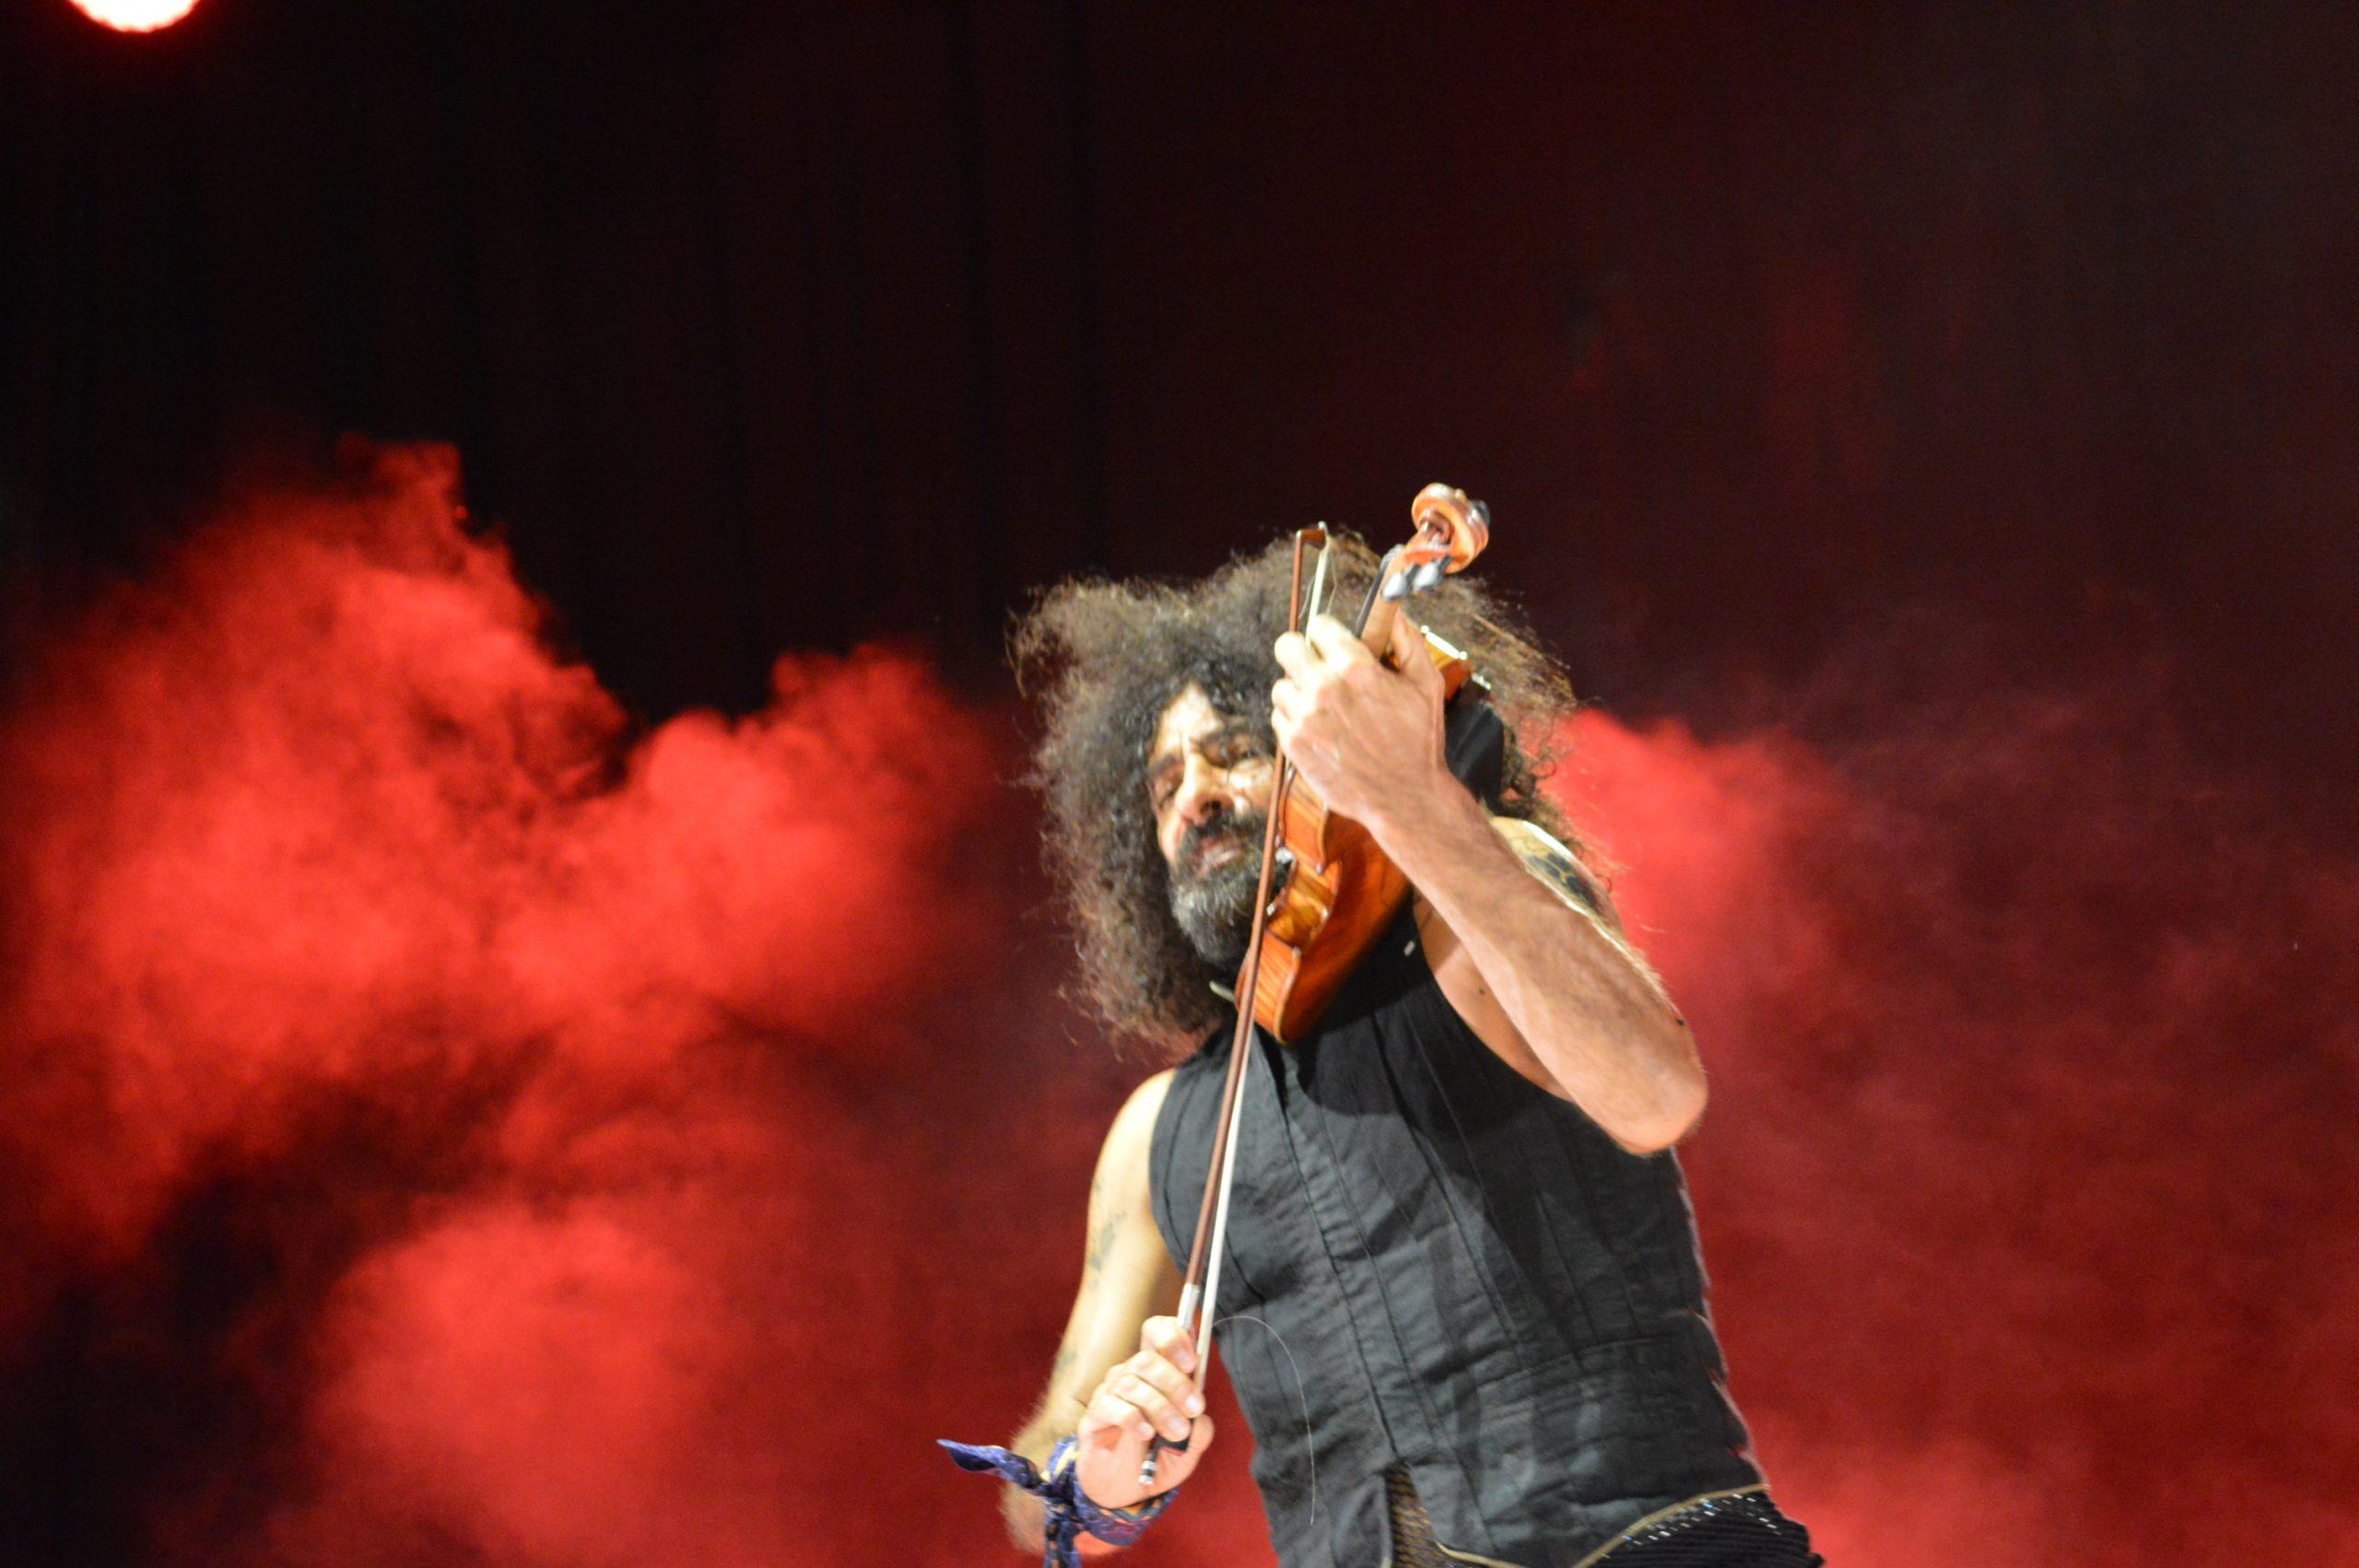 Ara Malikian emociona en su regreso a Ponferrada demostrando una vez más su virtuosismo con el violín 36